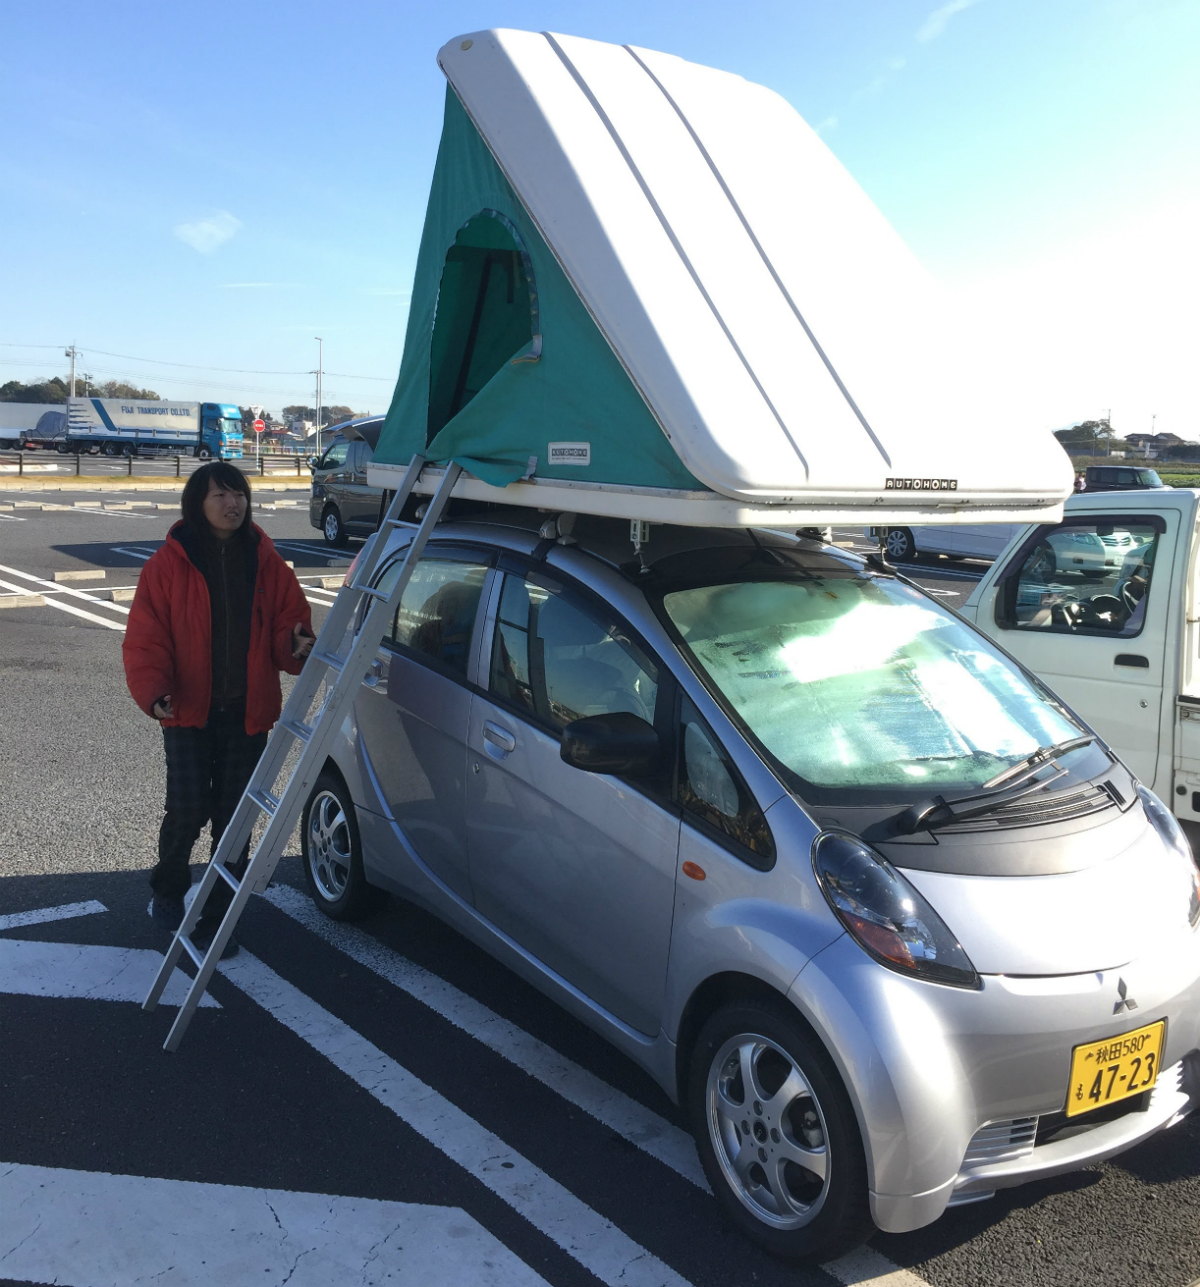 ルーフテント付きの電気自動車で全国を旅しながら学んでいます